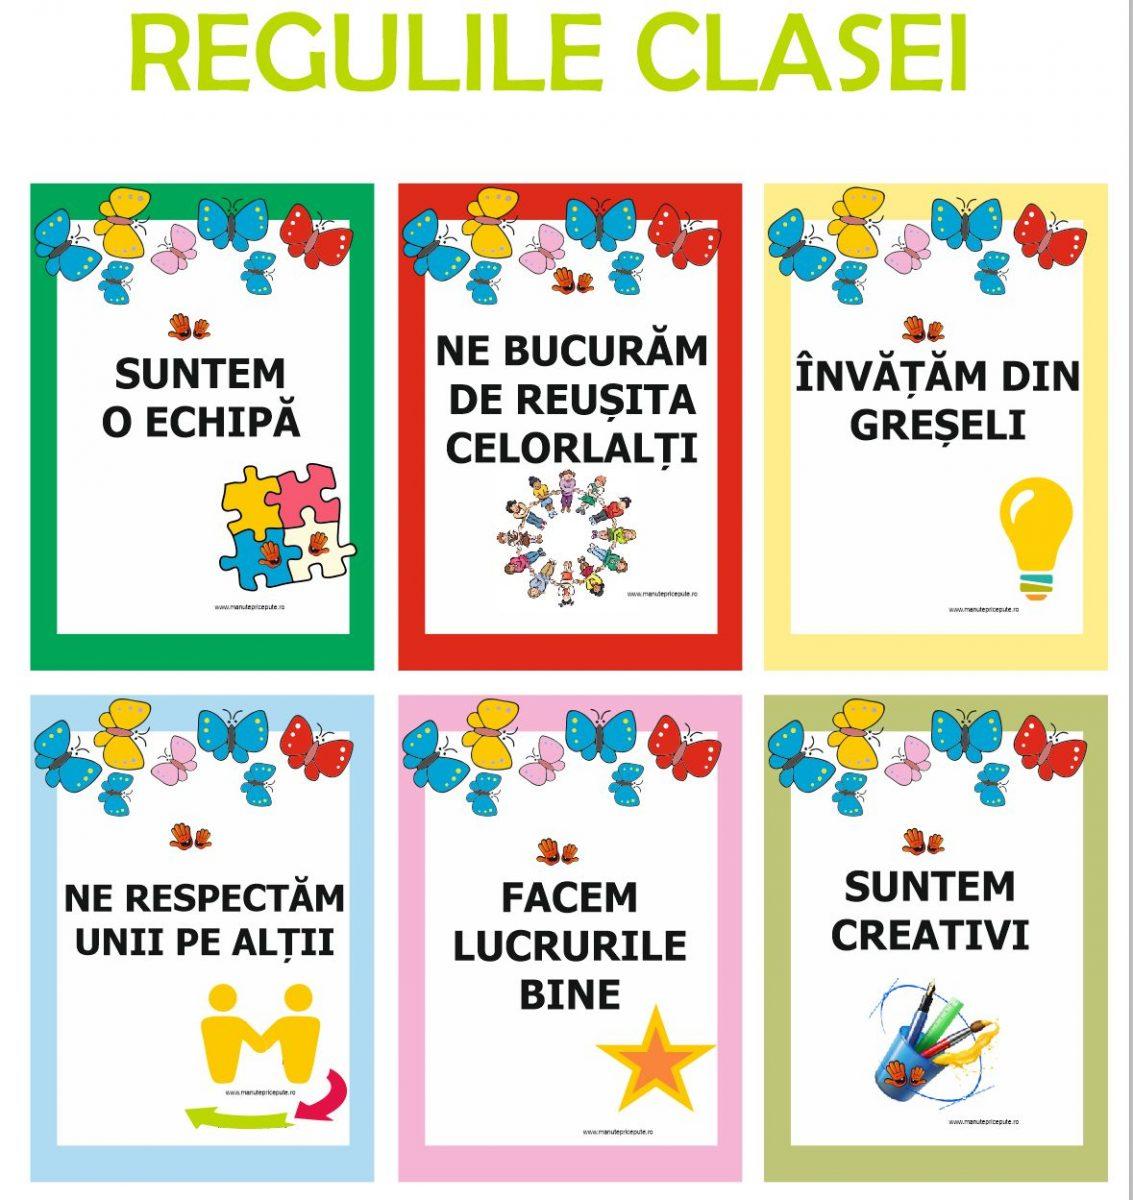 Regulile clasei sau grupei fluturașilor